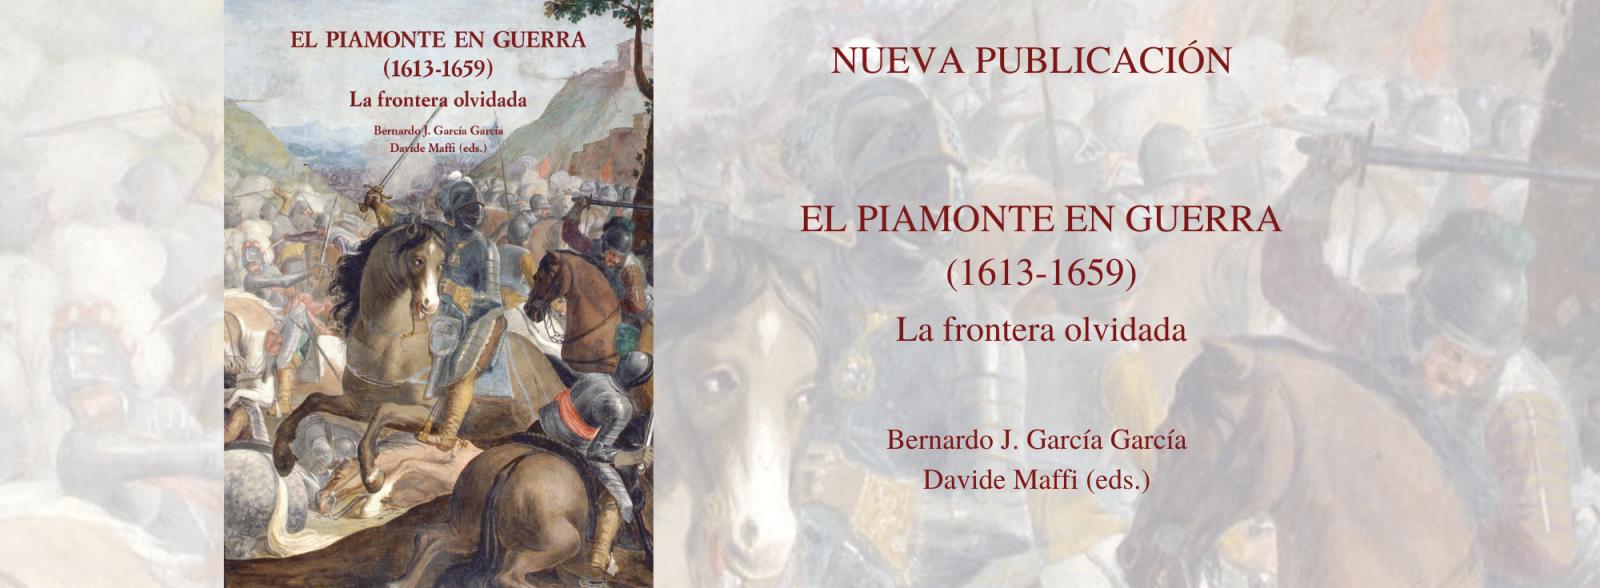 Piamonte en guerra